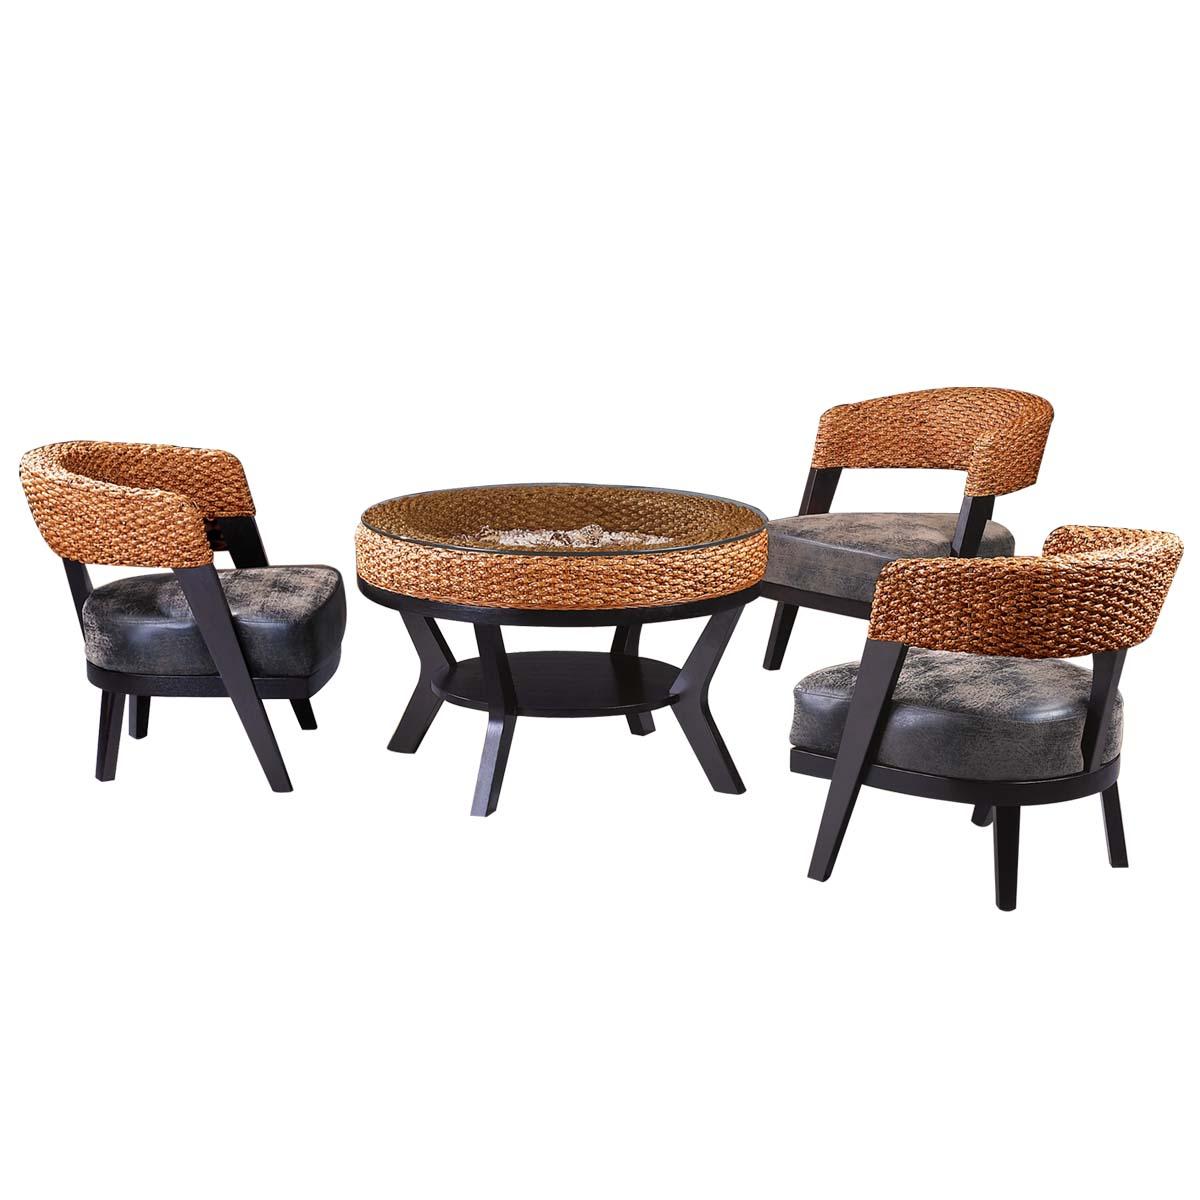 藤椅酒店餐厅饭店咖啡厅餐椅藤桌椅沙发椅子阳台休闲藤椅三五件套